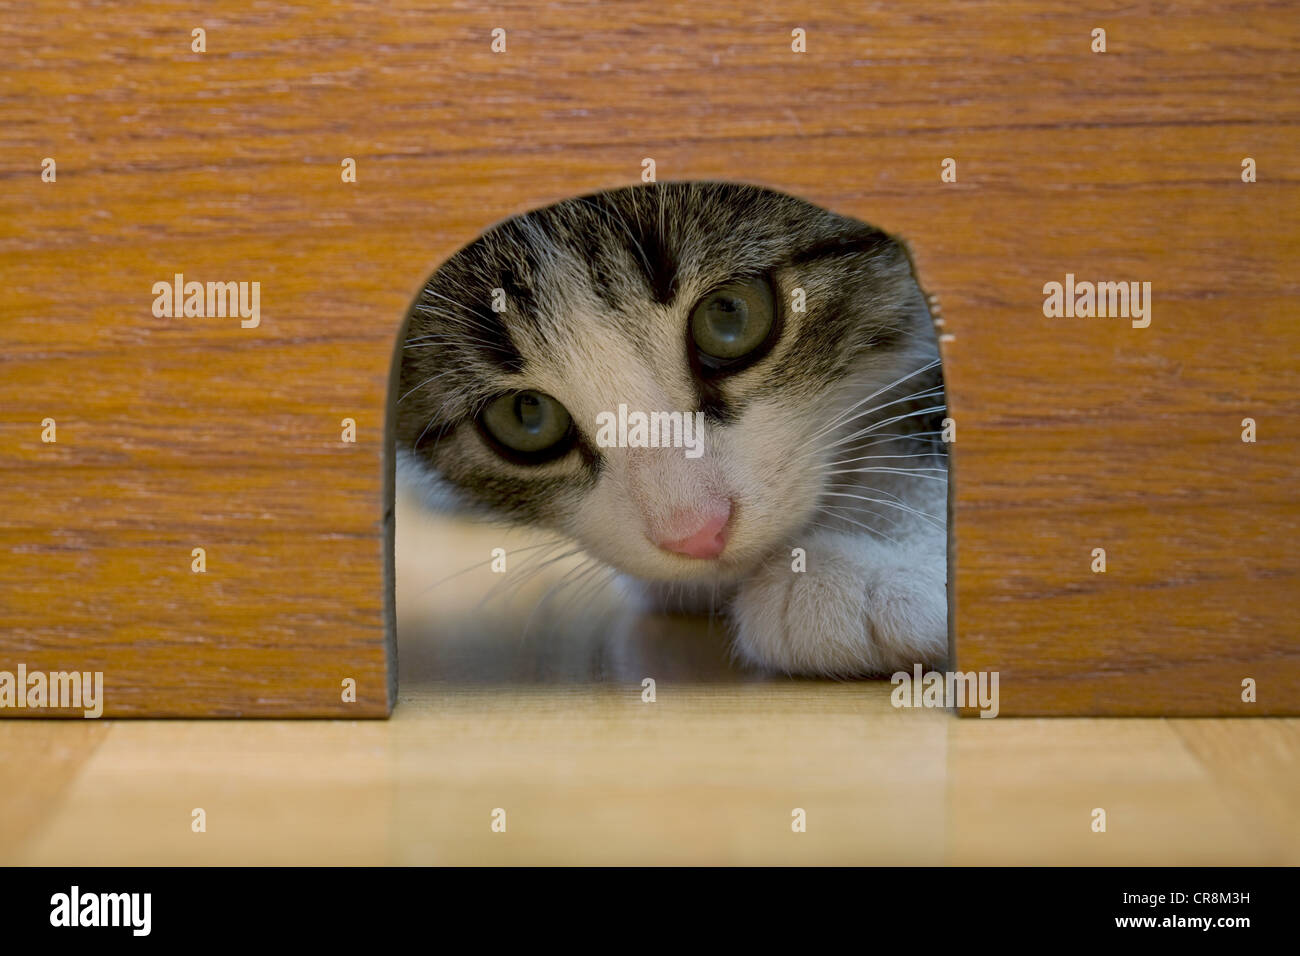 Cat peeking through mouse hole - Stock Image